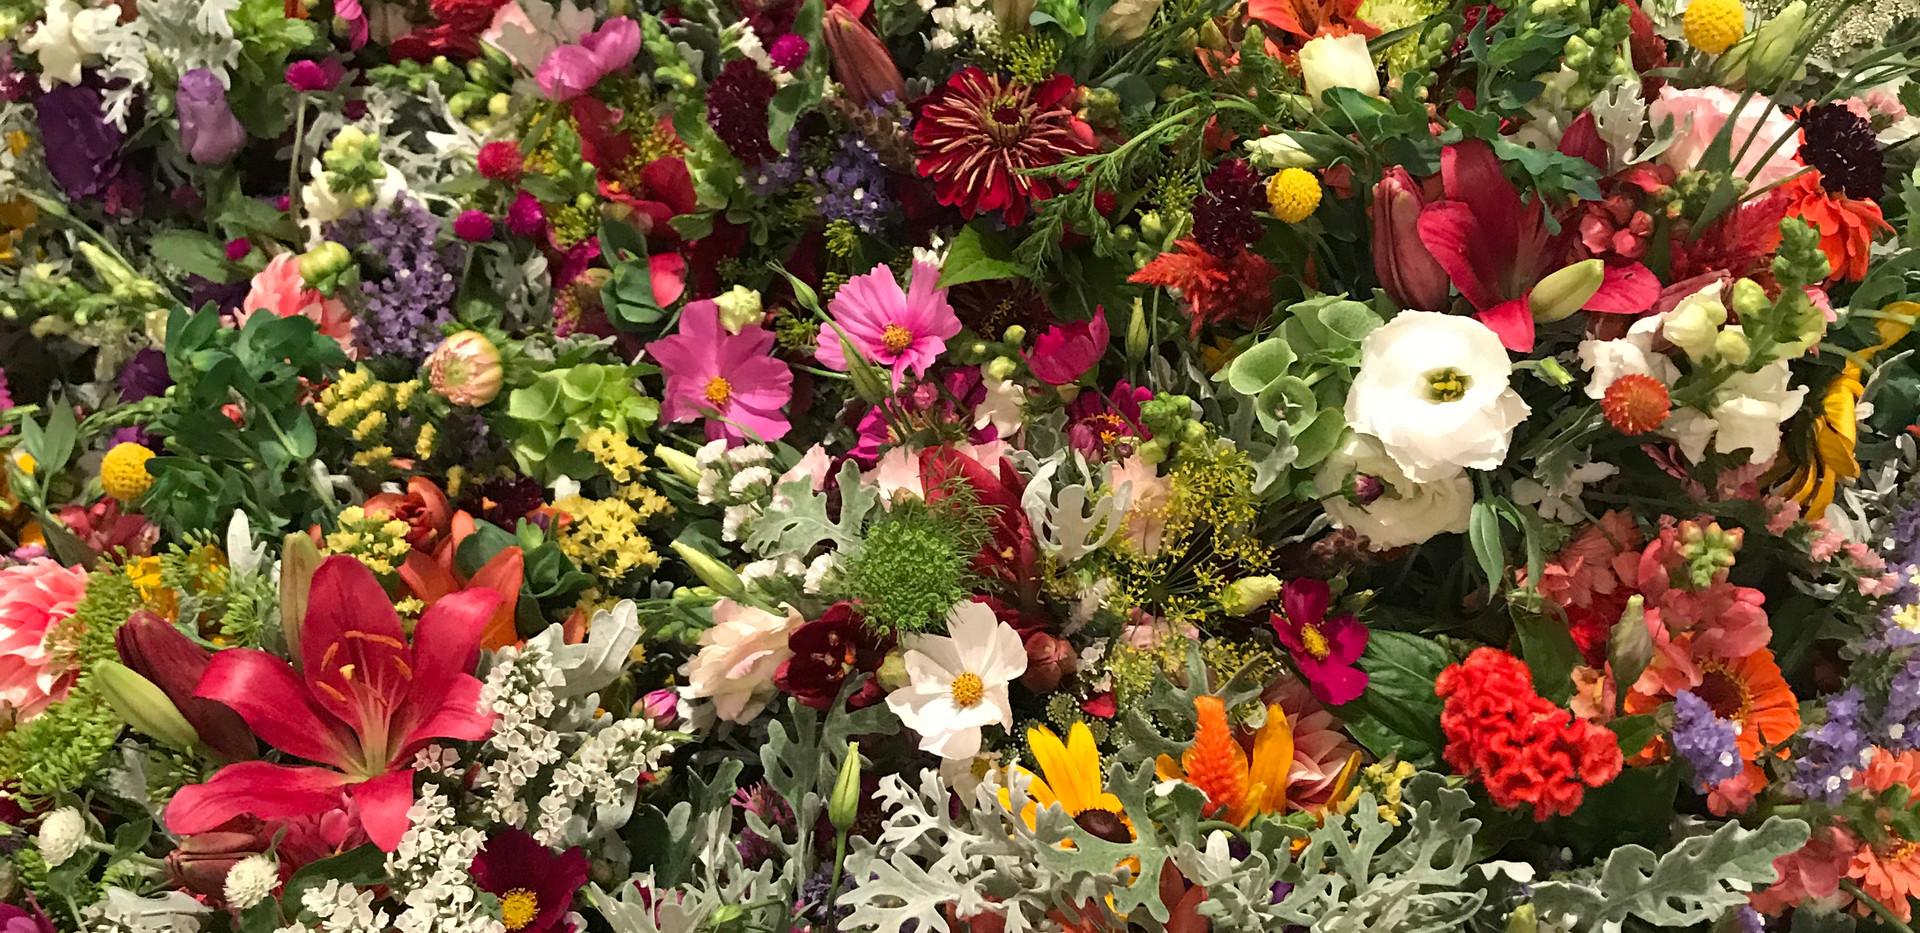 Farmers Market Bouquets